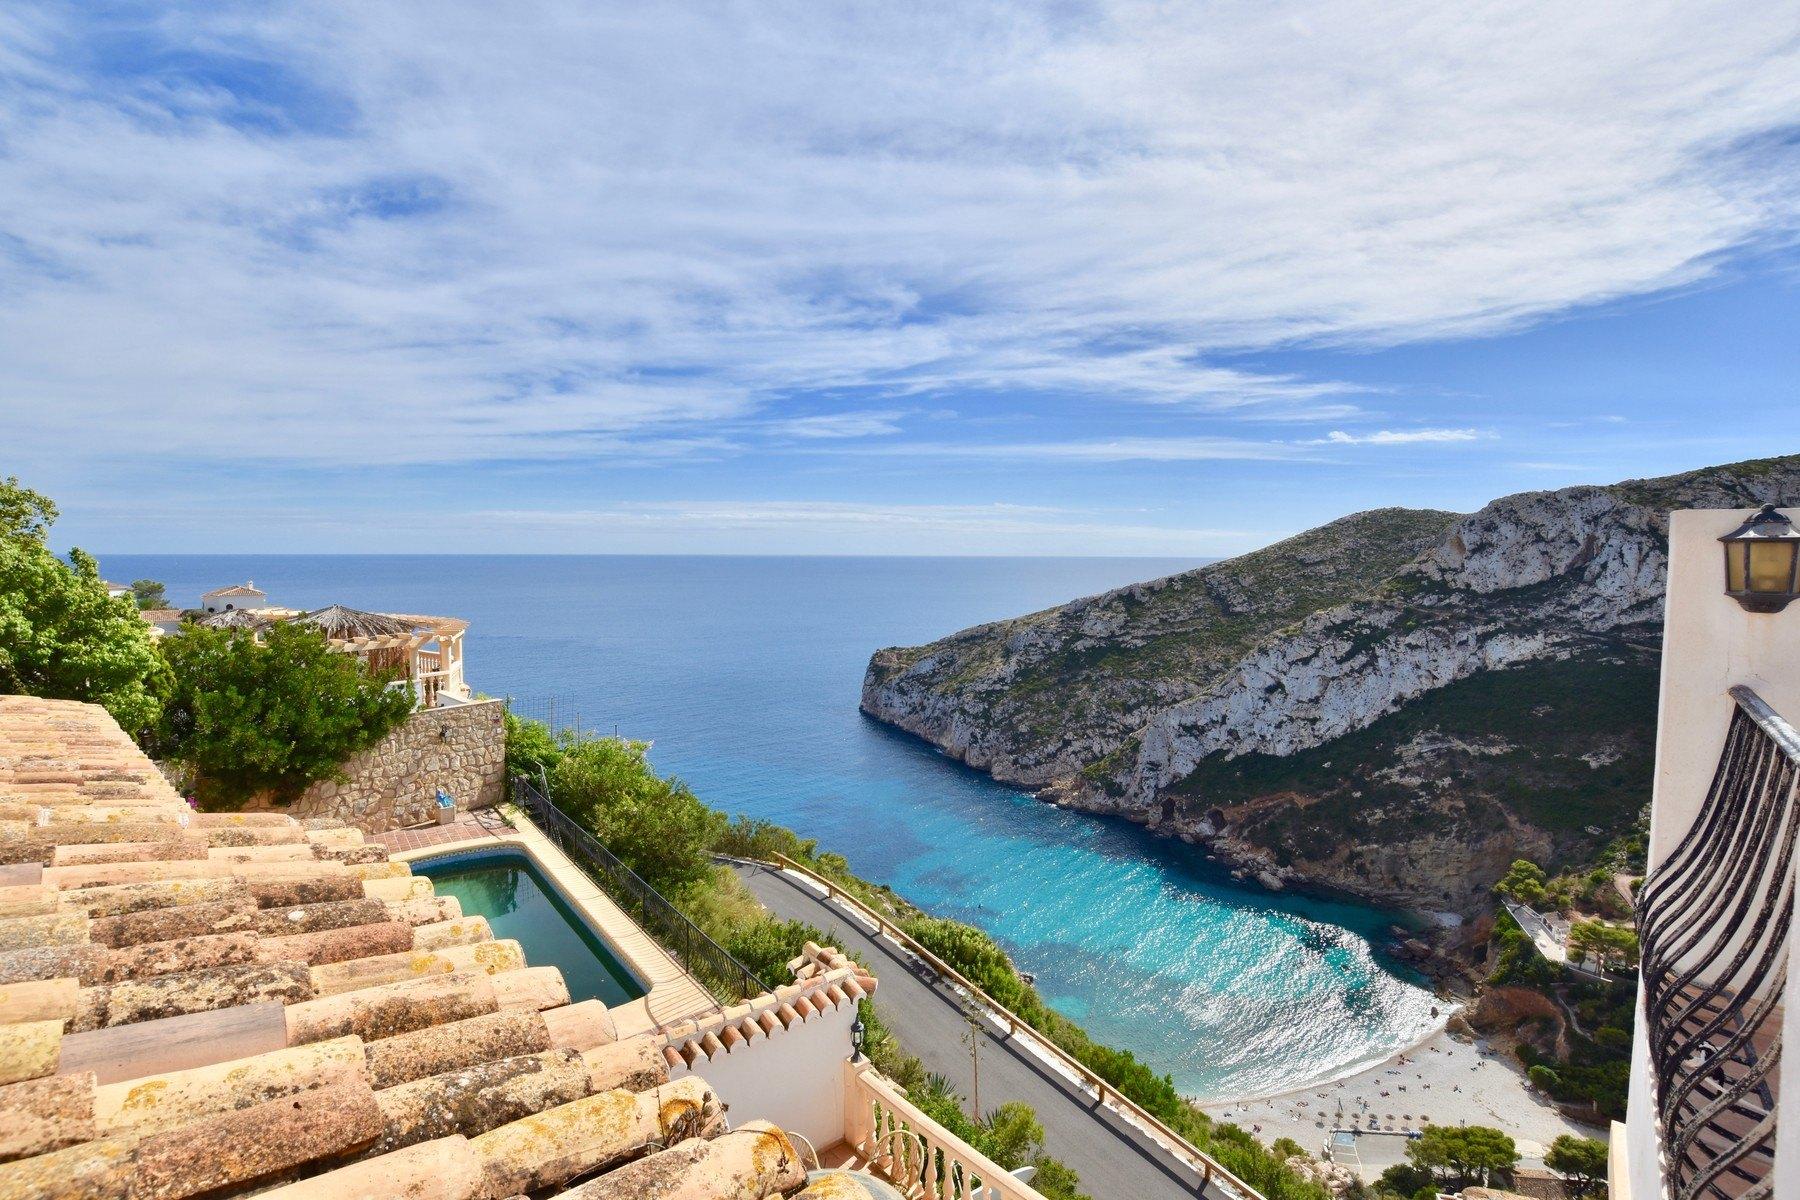 Villa a la venta en la Cala de la Granadella con vistas al mar - Javea - Costa Blanca